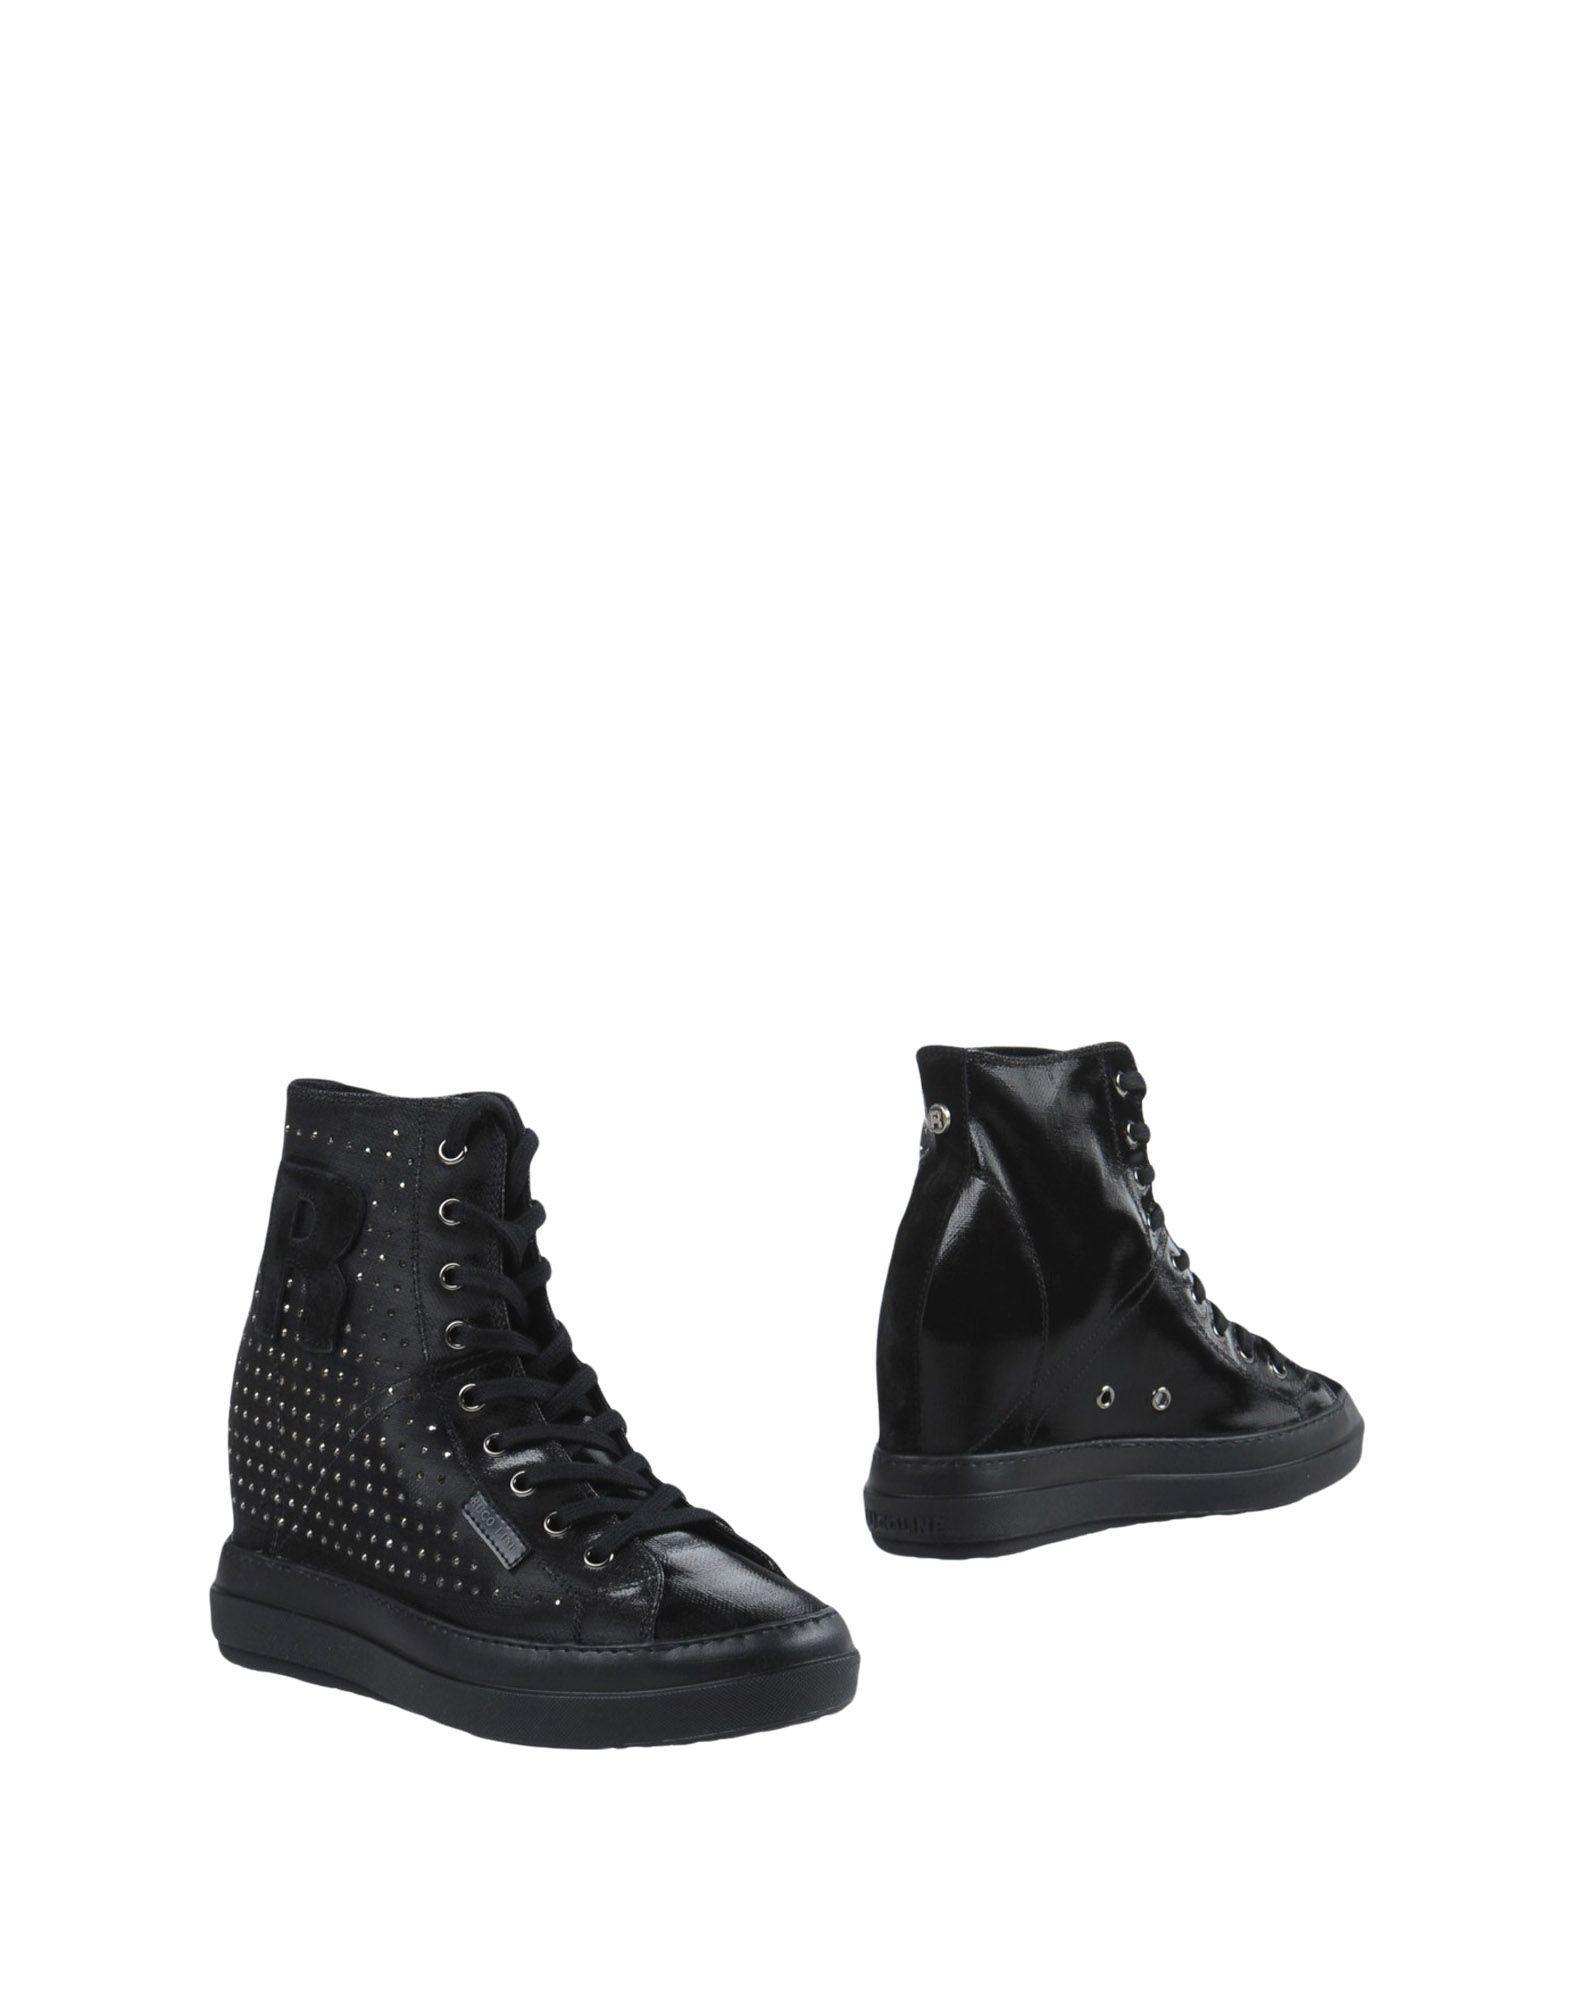 Ruco Line Stiefelette Damen  11334899PV Gute Qualität beliebte Schuhe